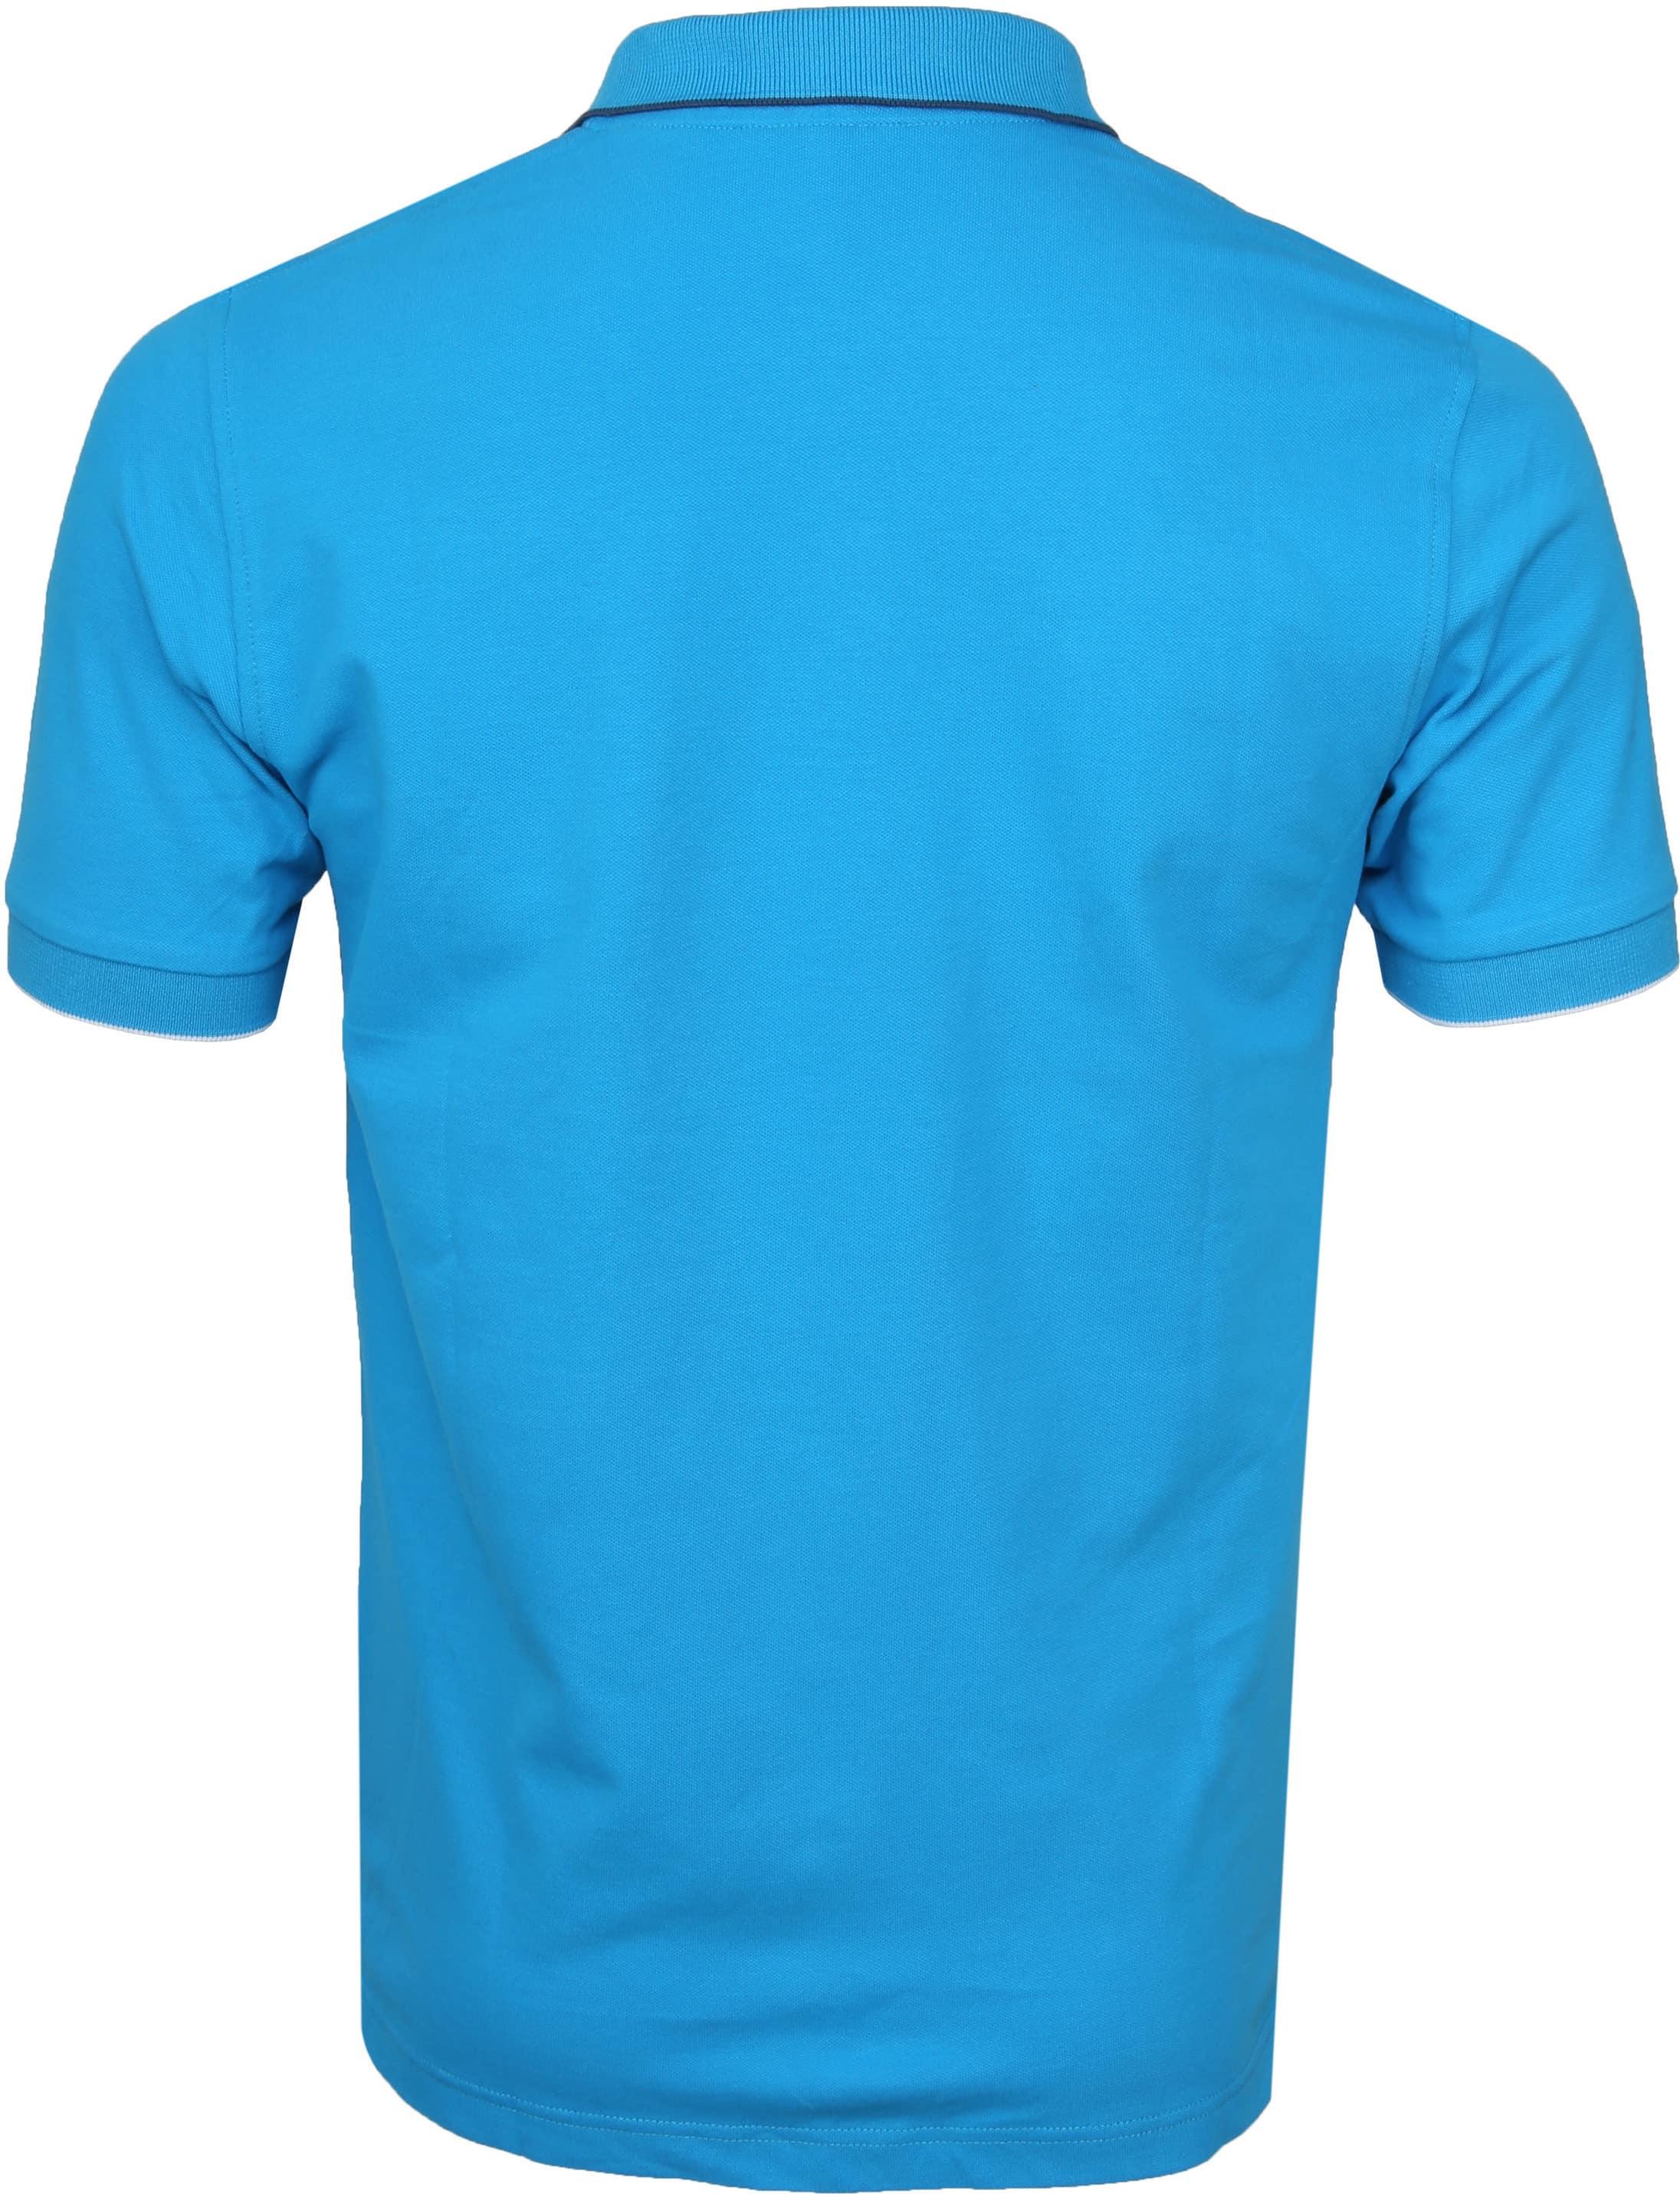 Sun68 Poloshirt Small Stripe Blau SF foto 2